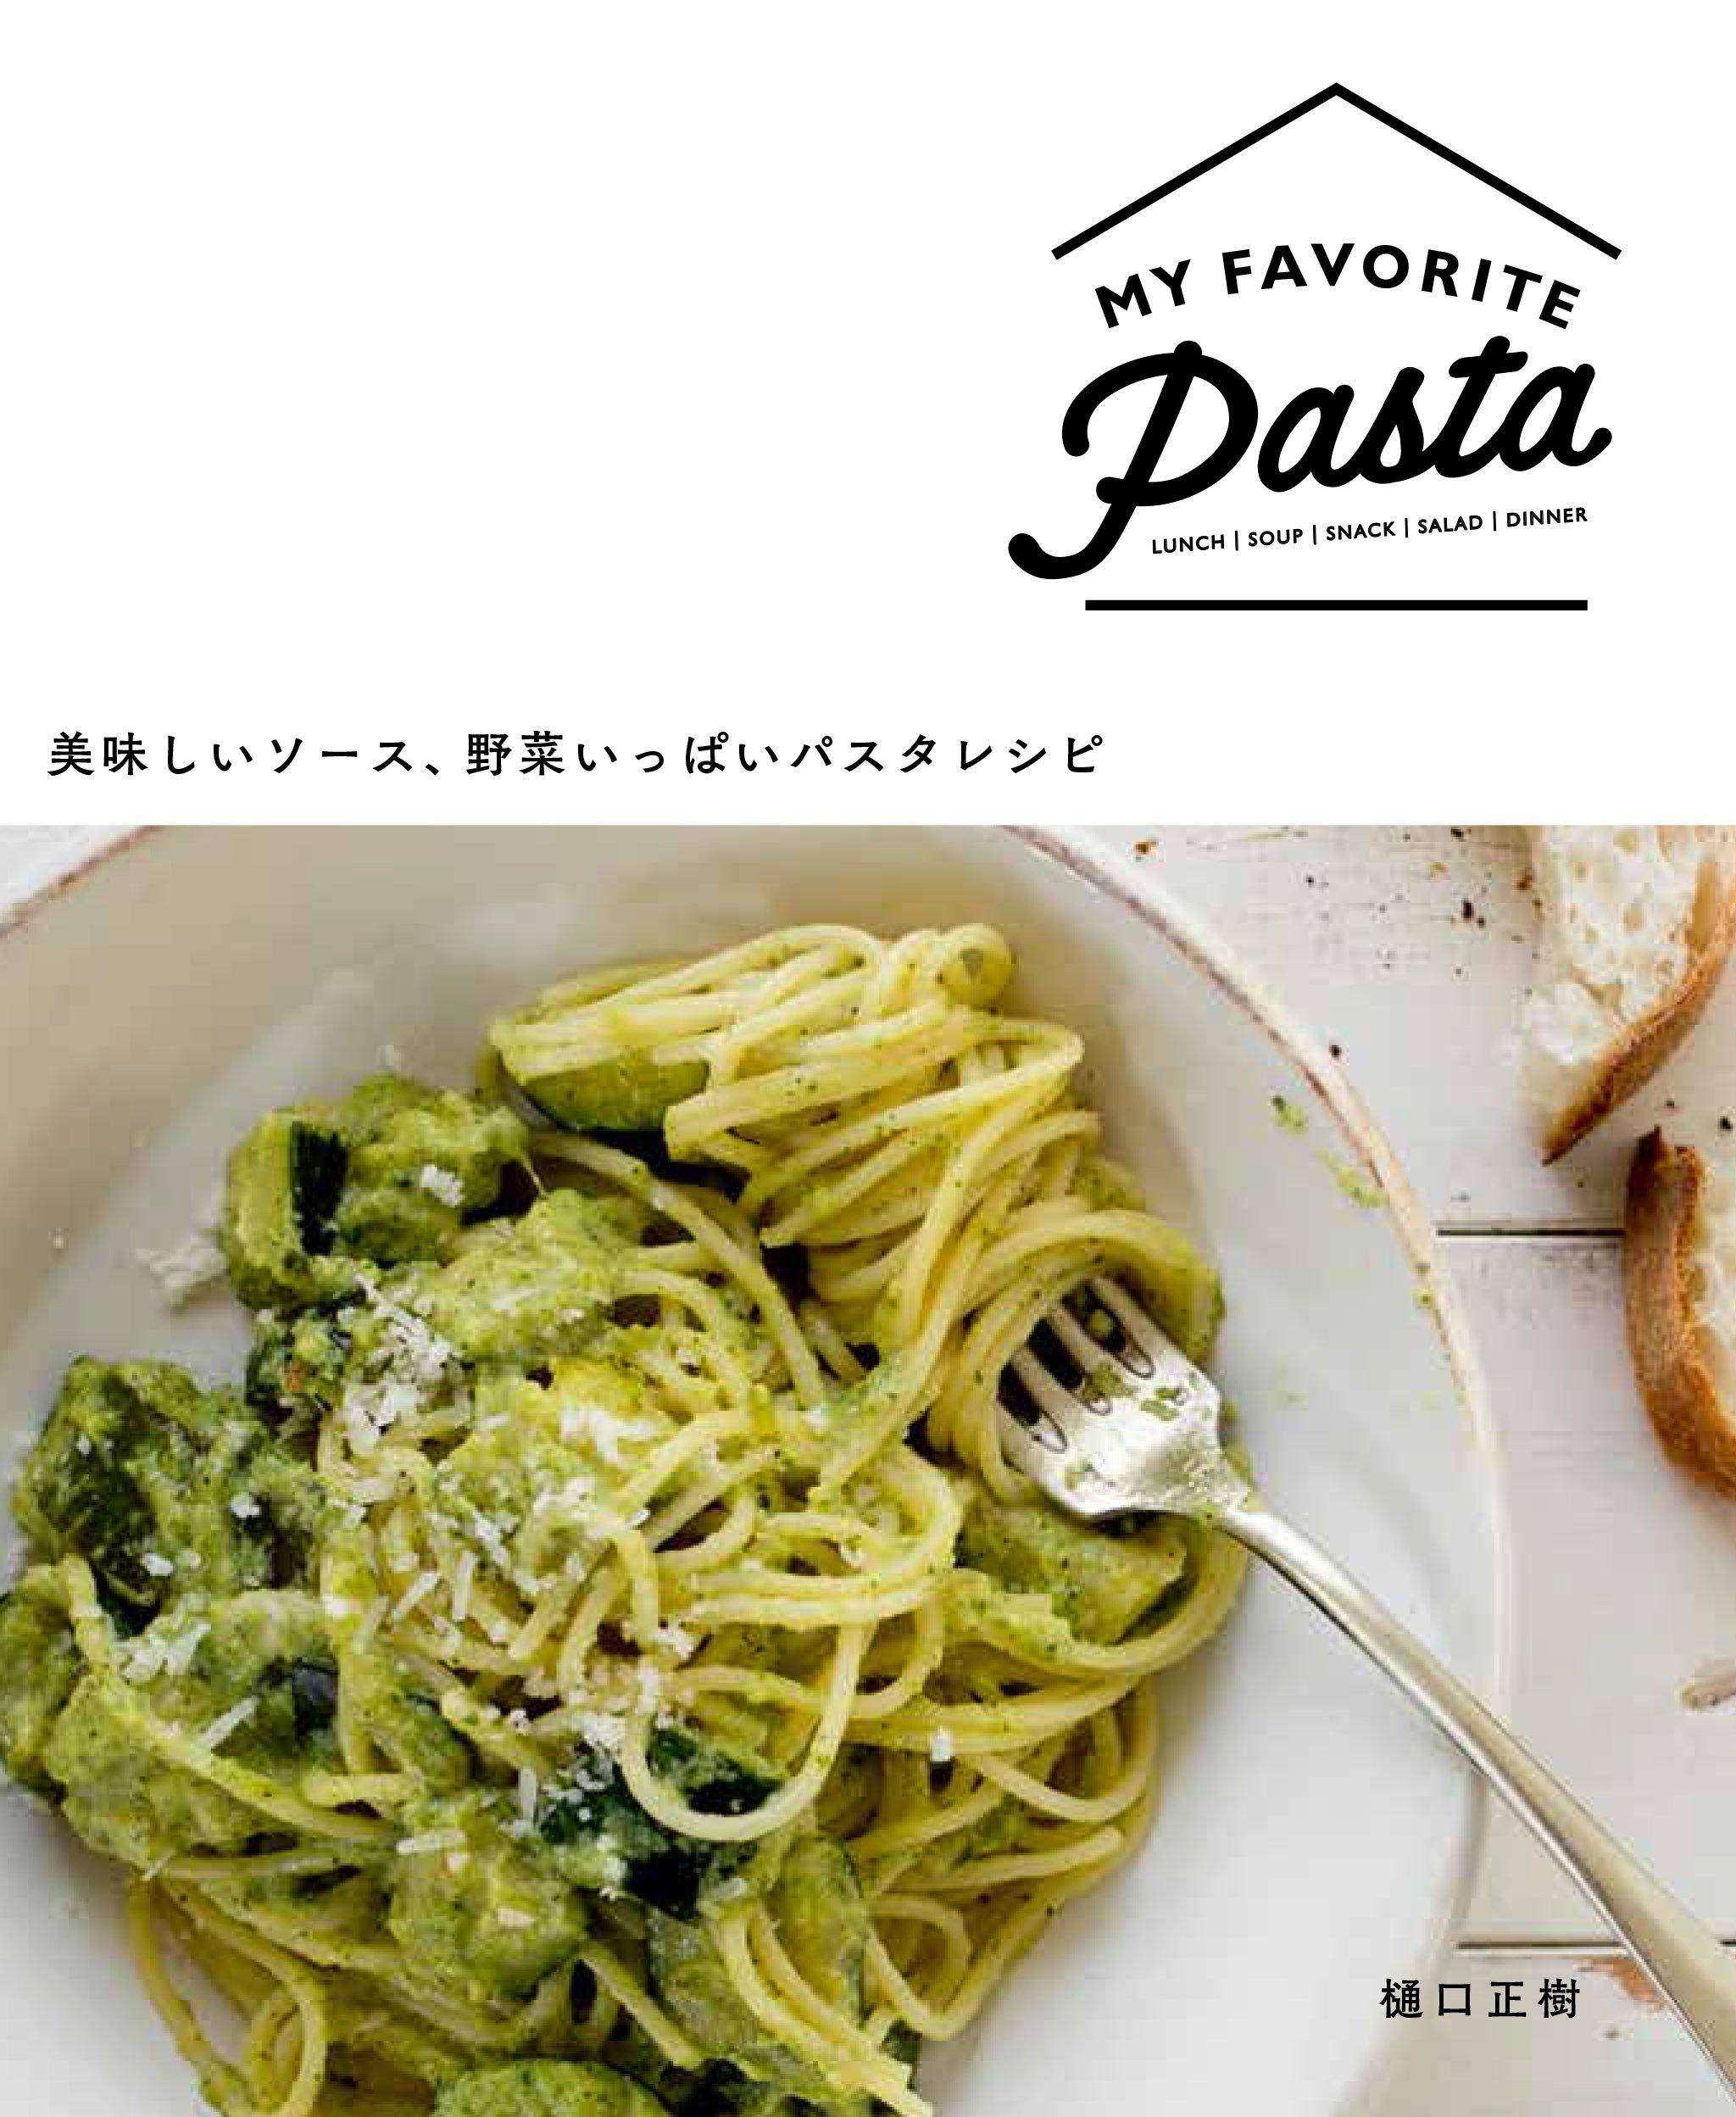 my favorite pasta 美味しいソース 野菜いっぱいパスタレシピ 樋口